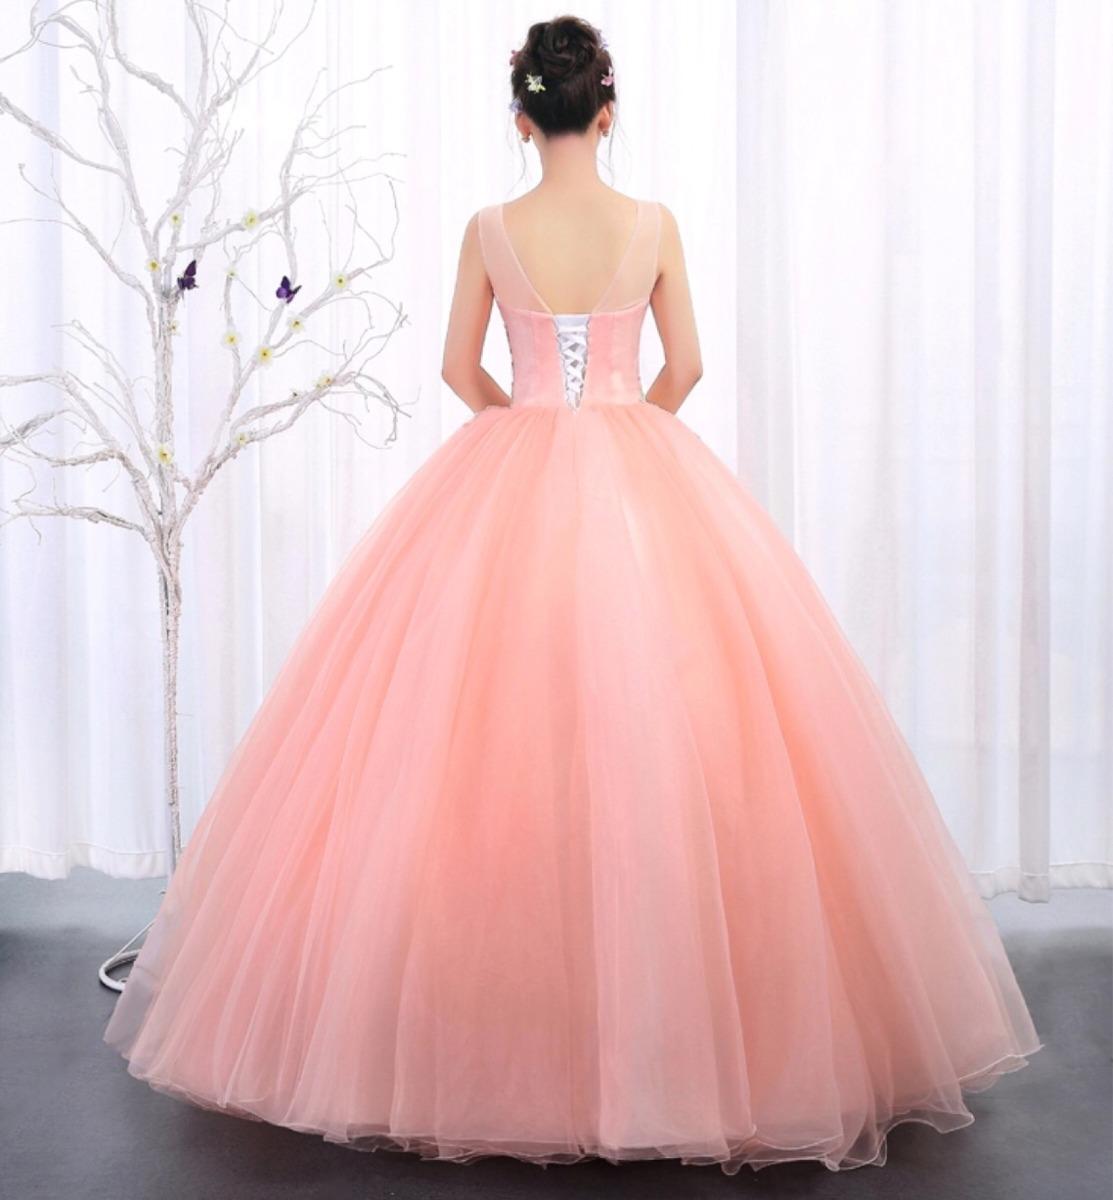 Vestido De Xv Años 15 Quinceañera Azul Rosa - $ 4,500.00 en Mercado ...